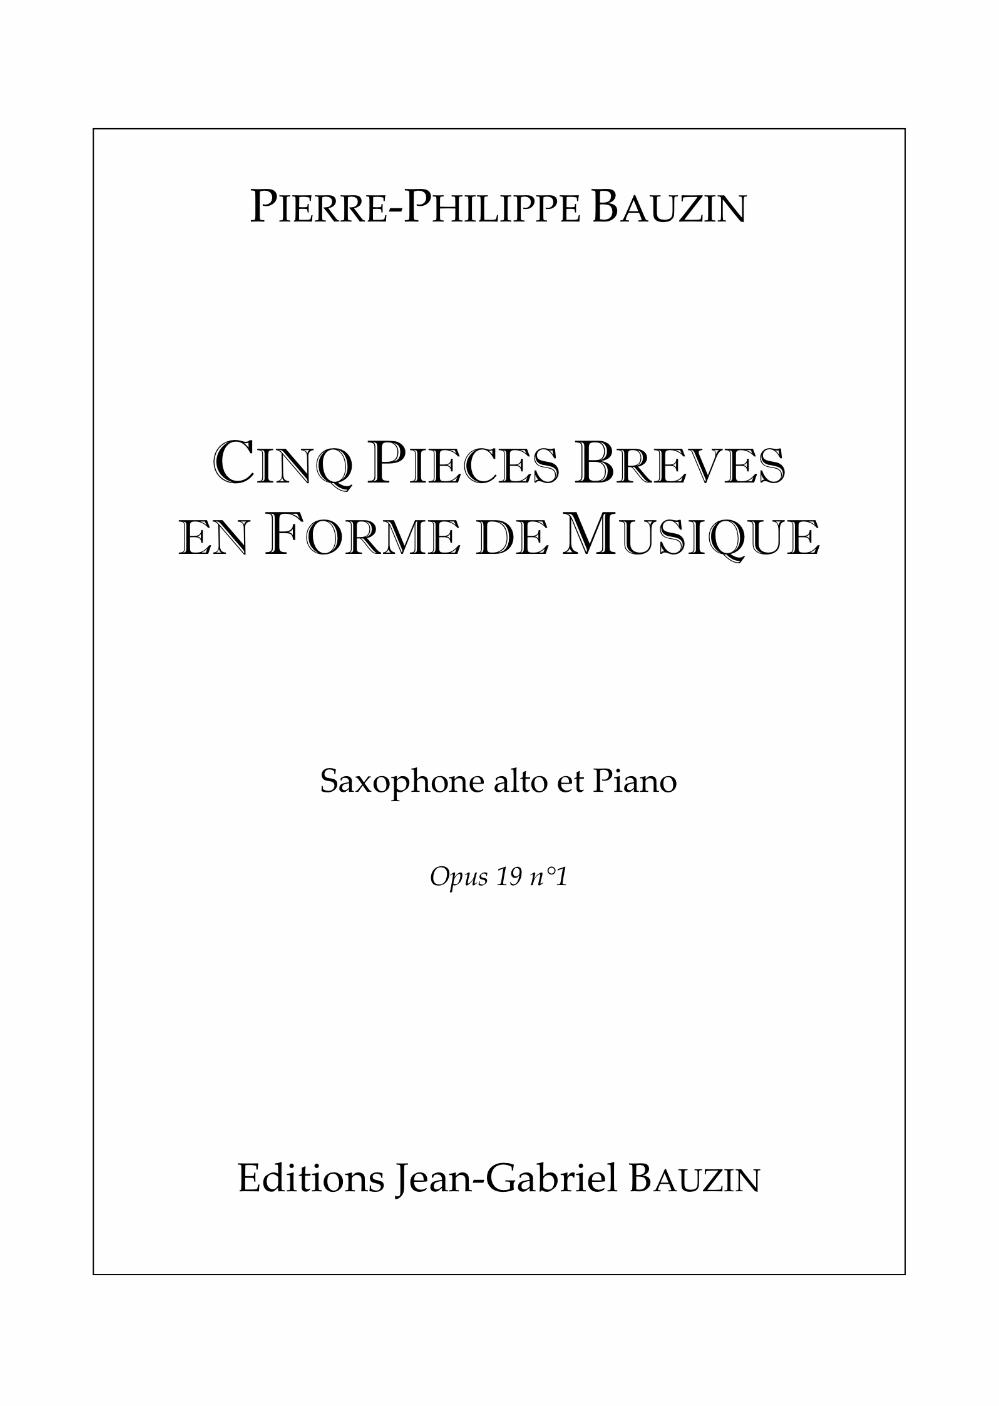 Cinq Pieces by Pierre-Philippe Bauzin